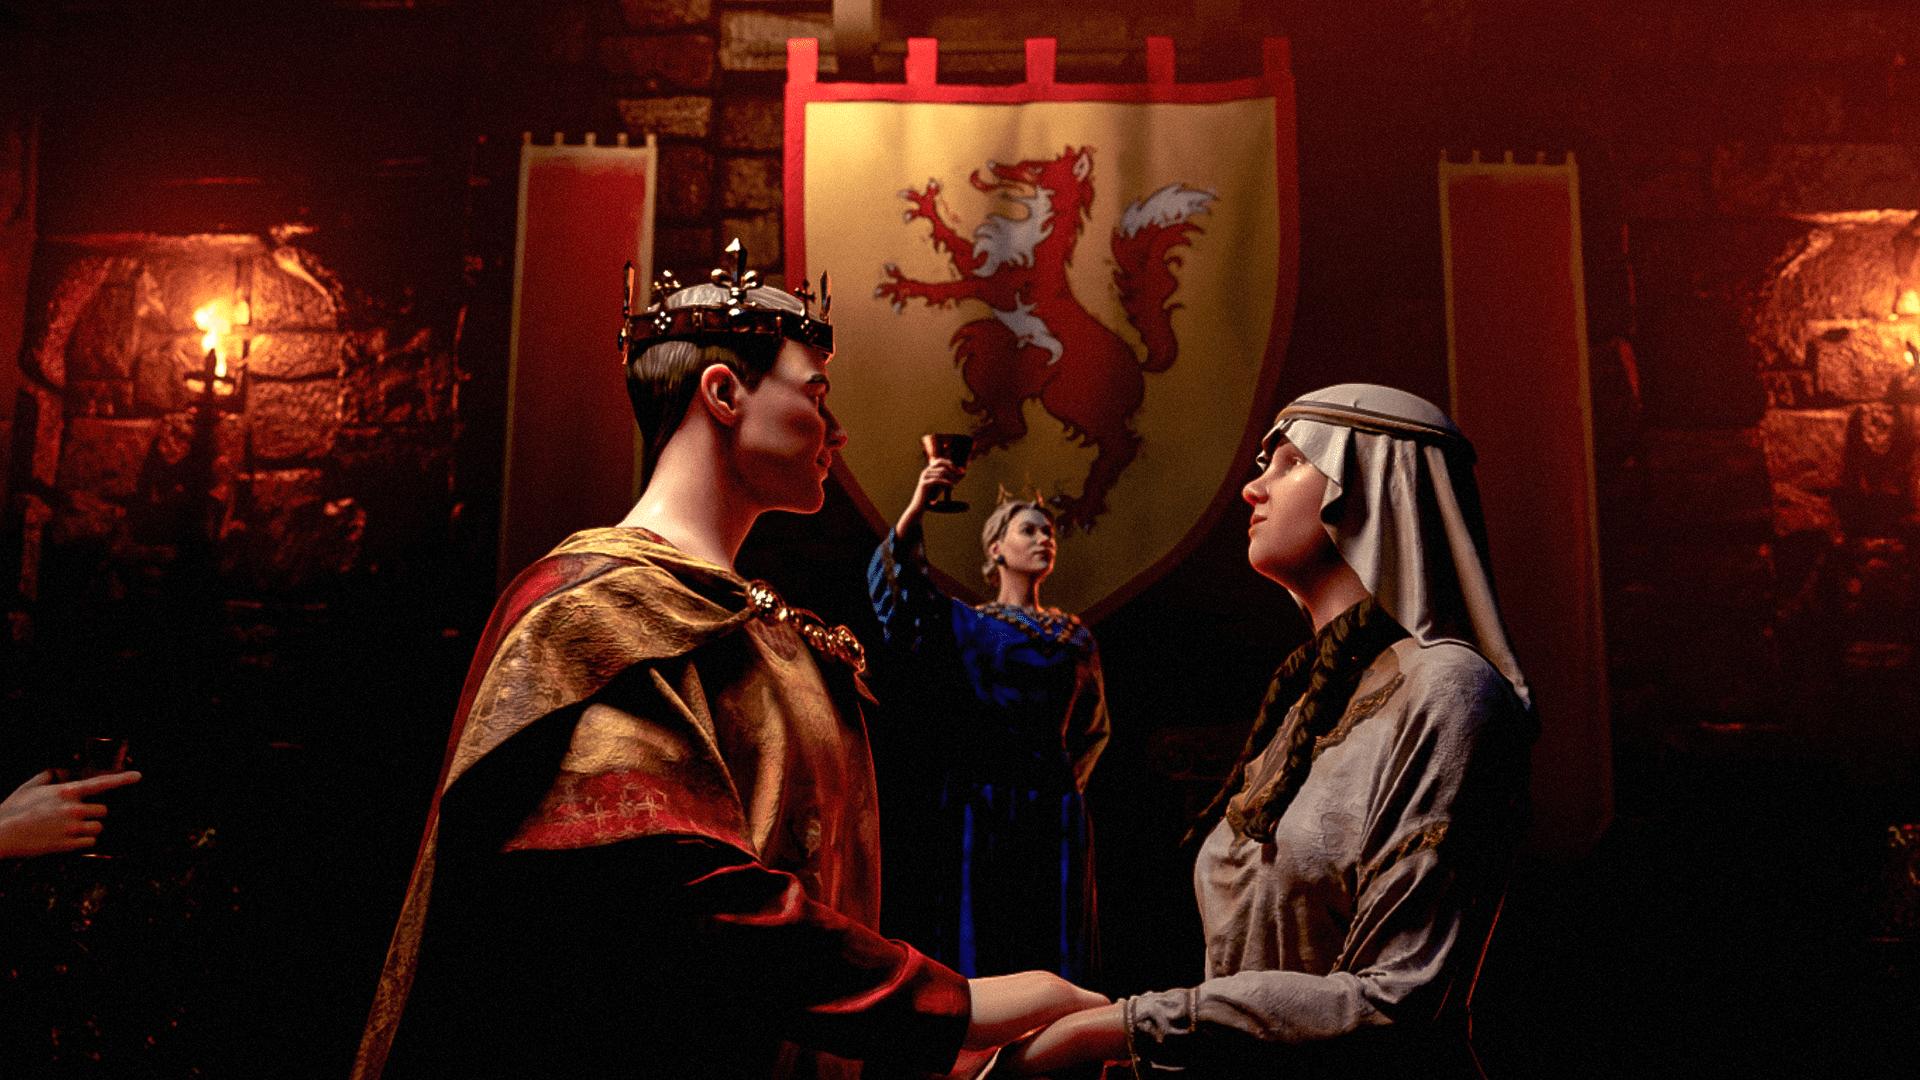 دیالسی Royal court برای بازی Crusader kings 3 معرفی شد!